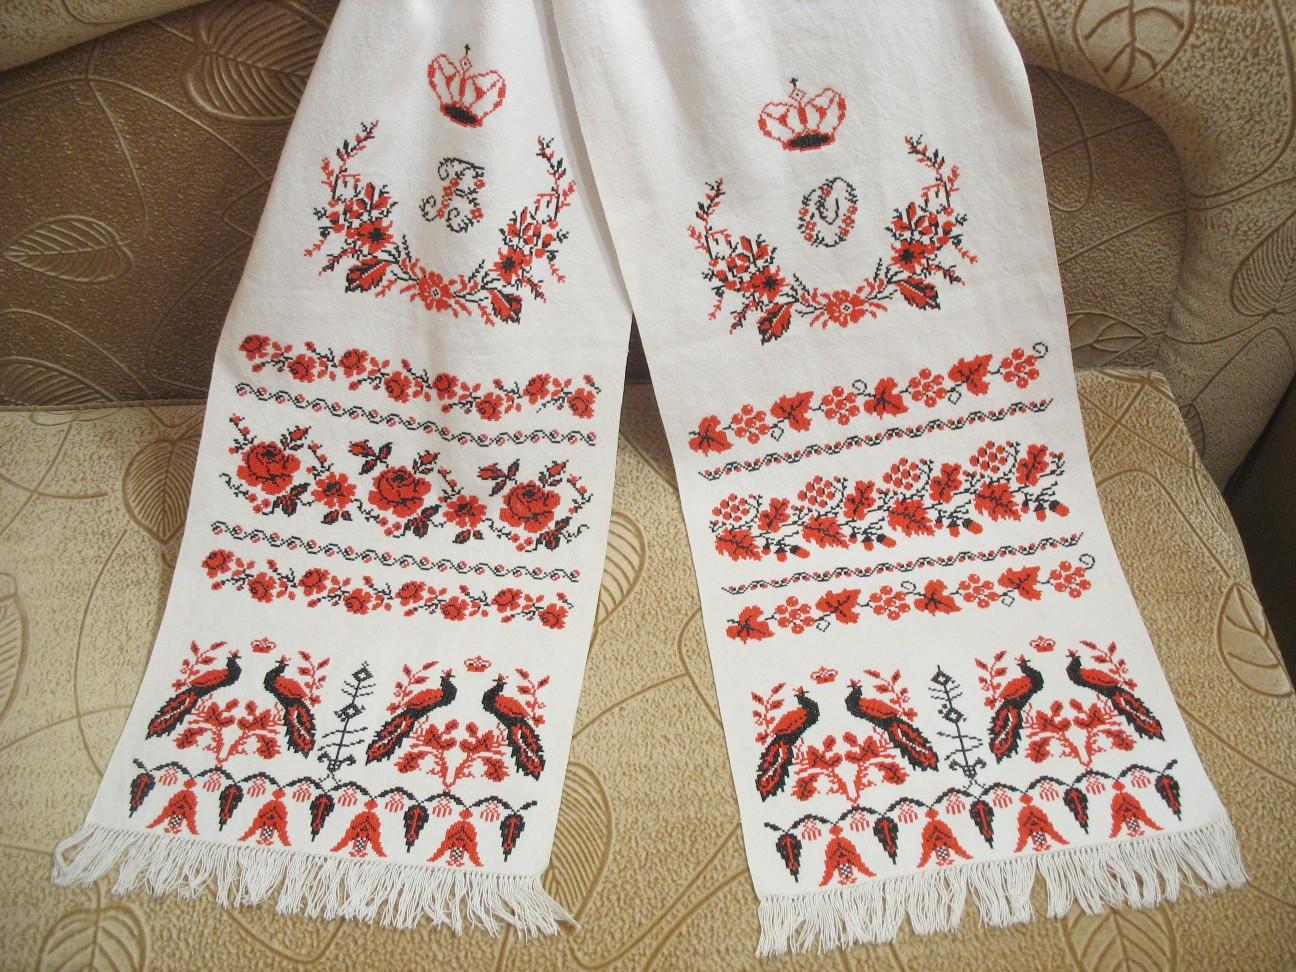 В областях Украины есть много пасхальных традиций и обычаев.  Вышивать пасхальный рушник, наверное, и нельзя назвать...